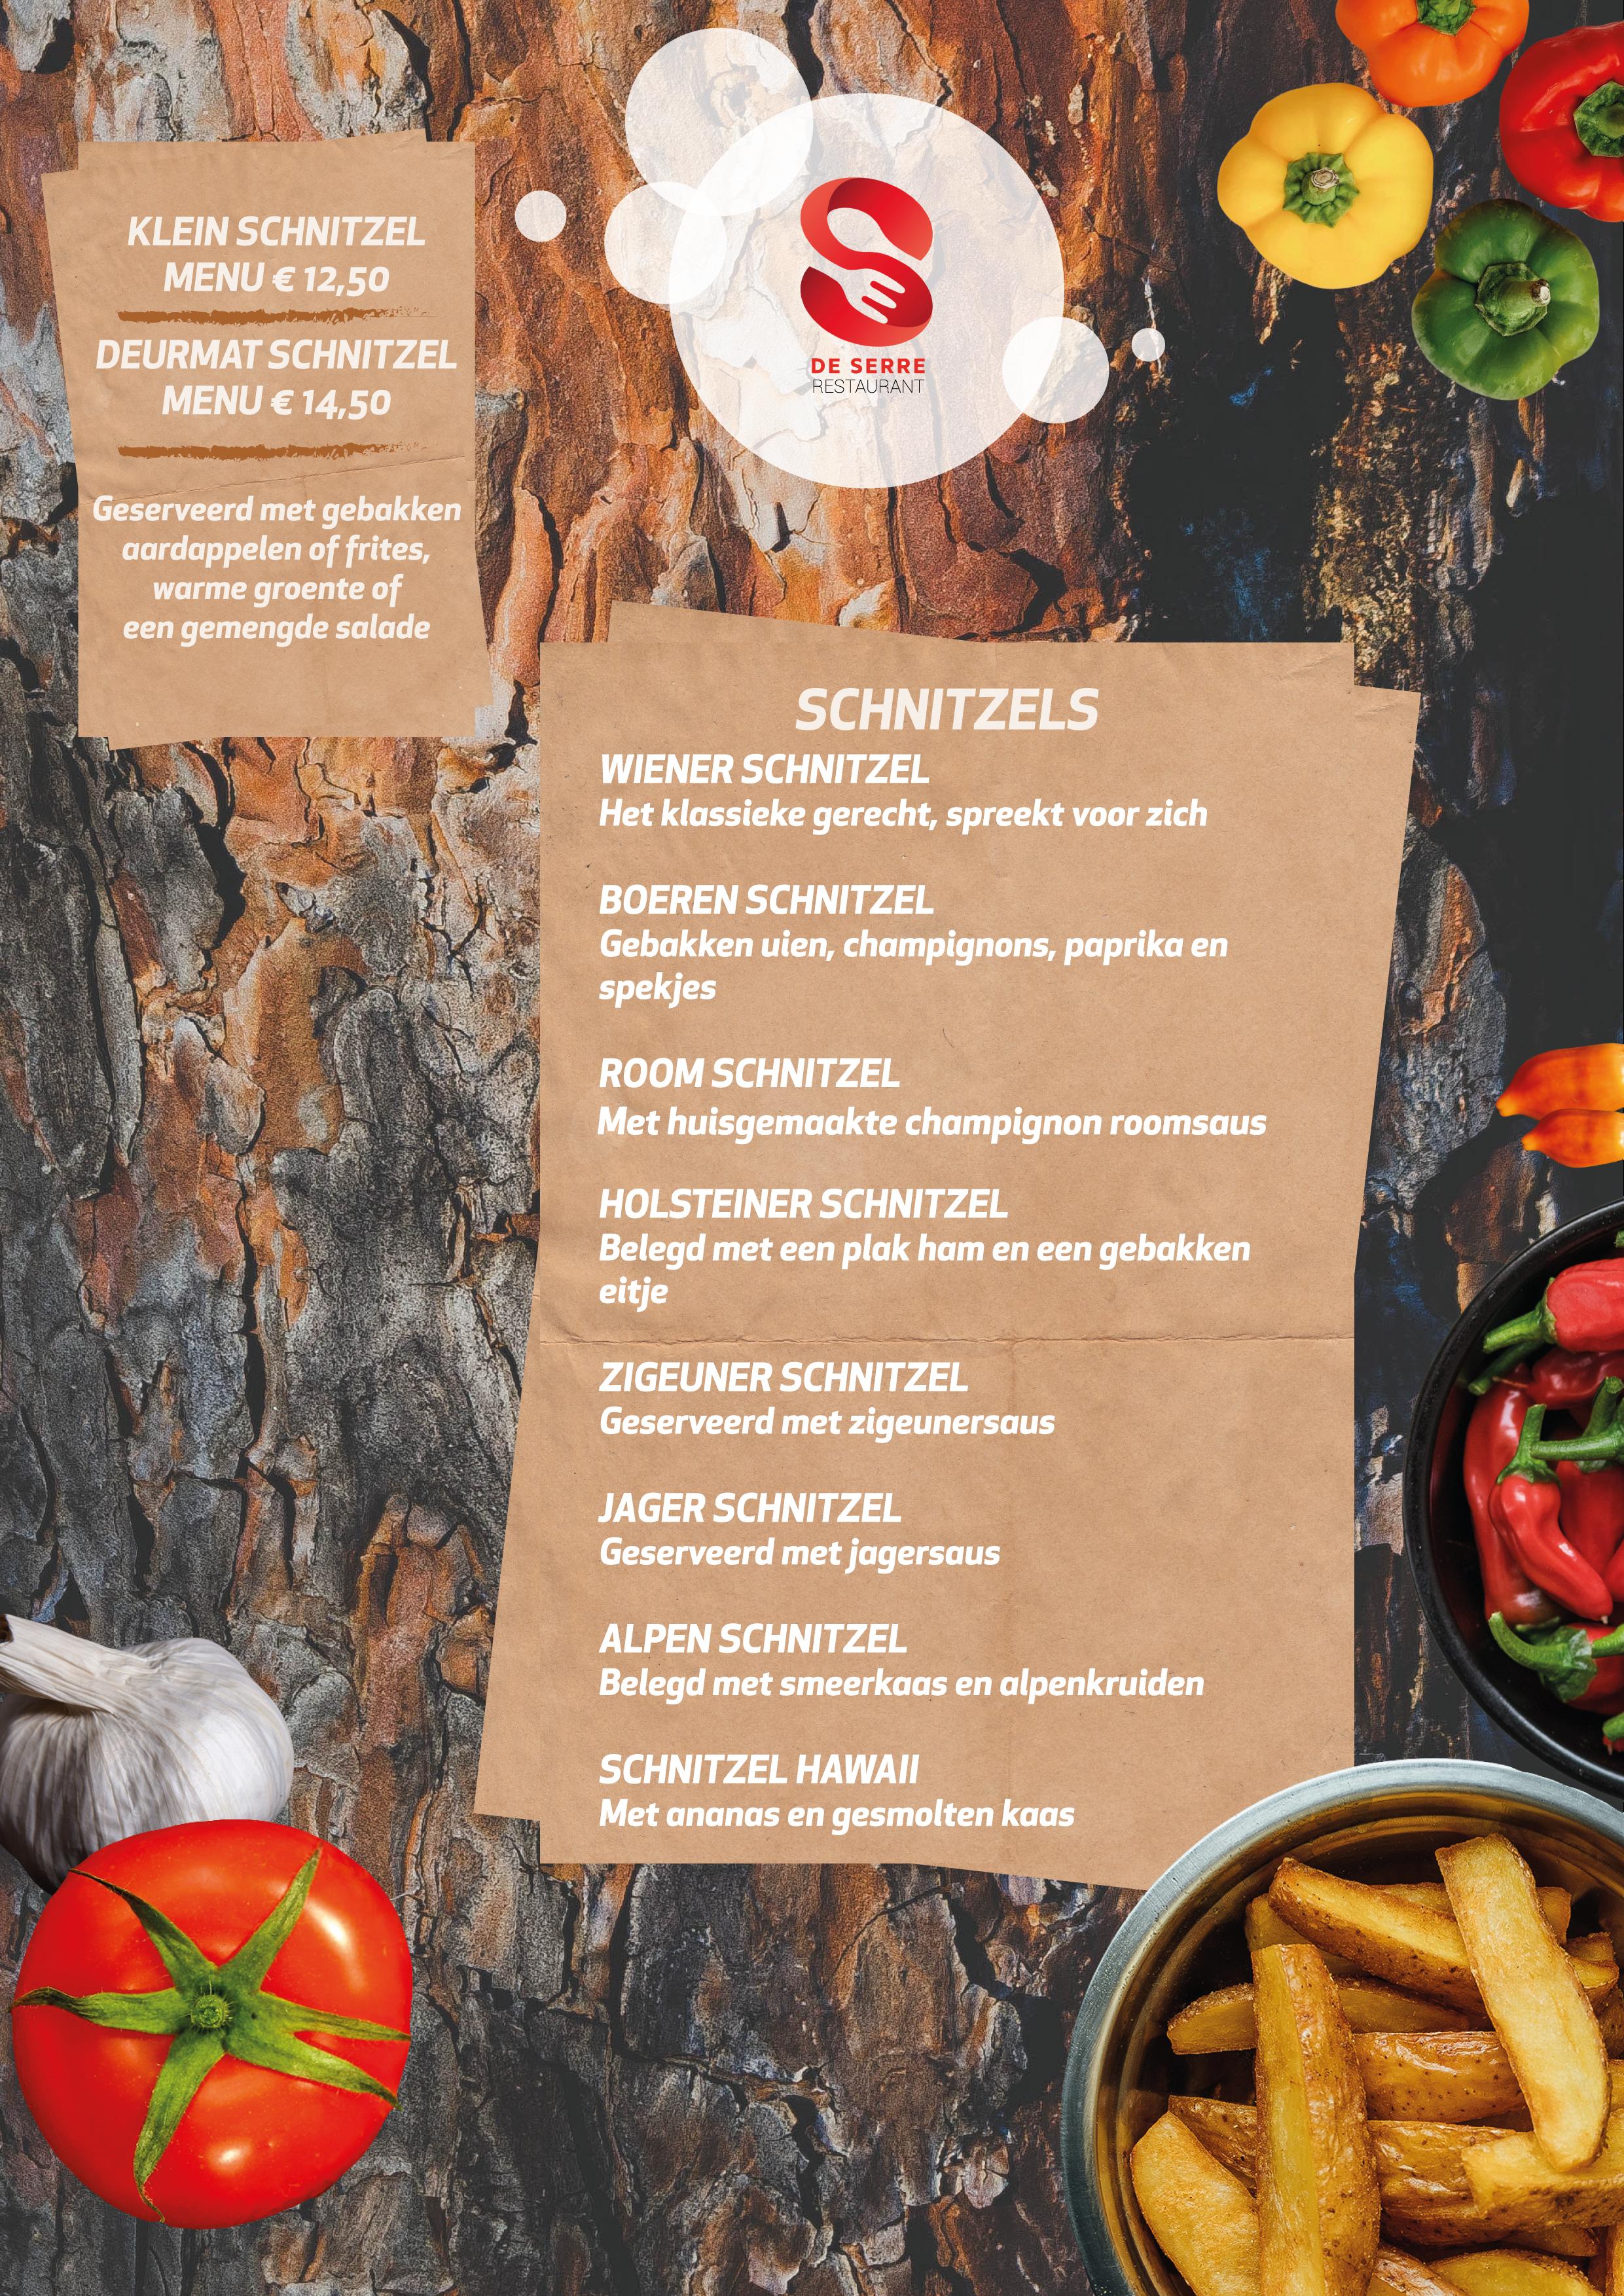 Restaurant de Serre schnitzel menu inhoud 2020